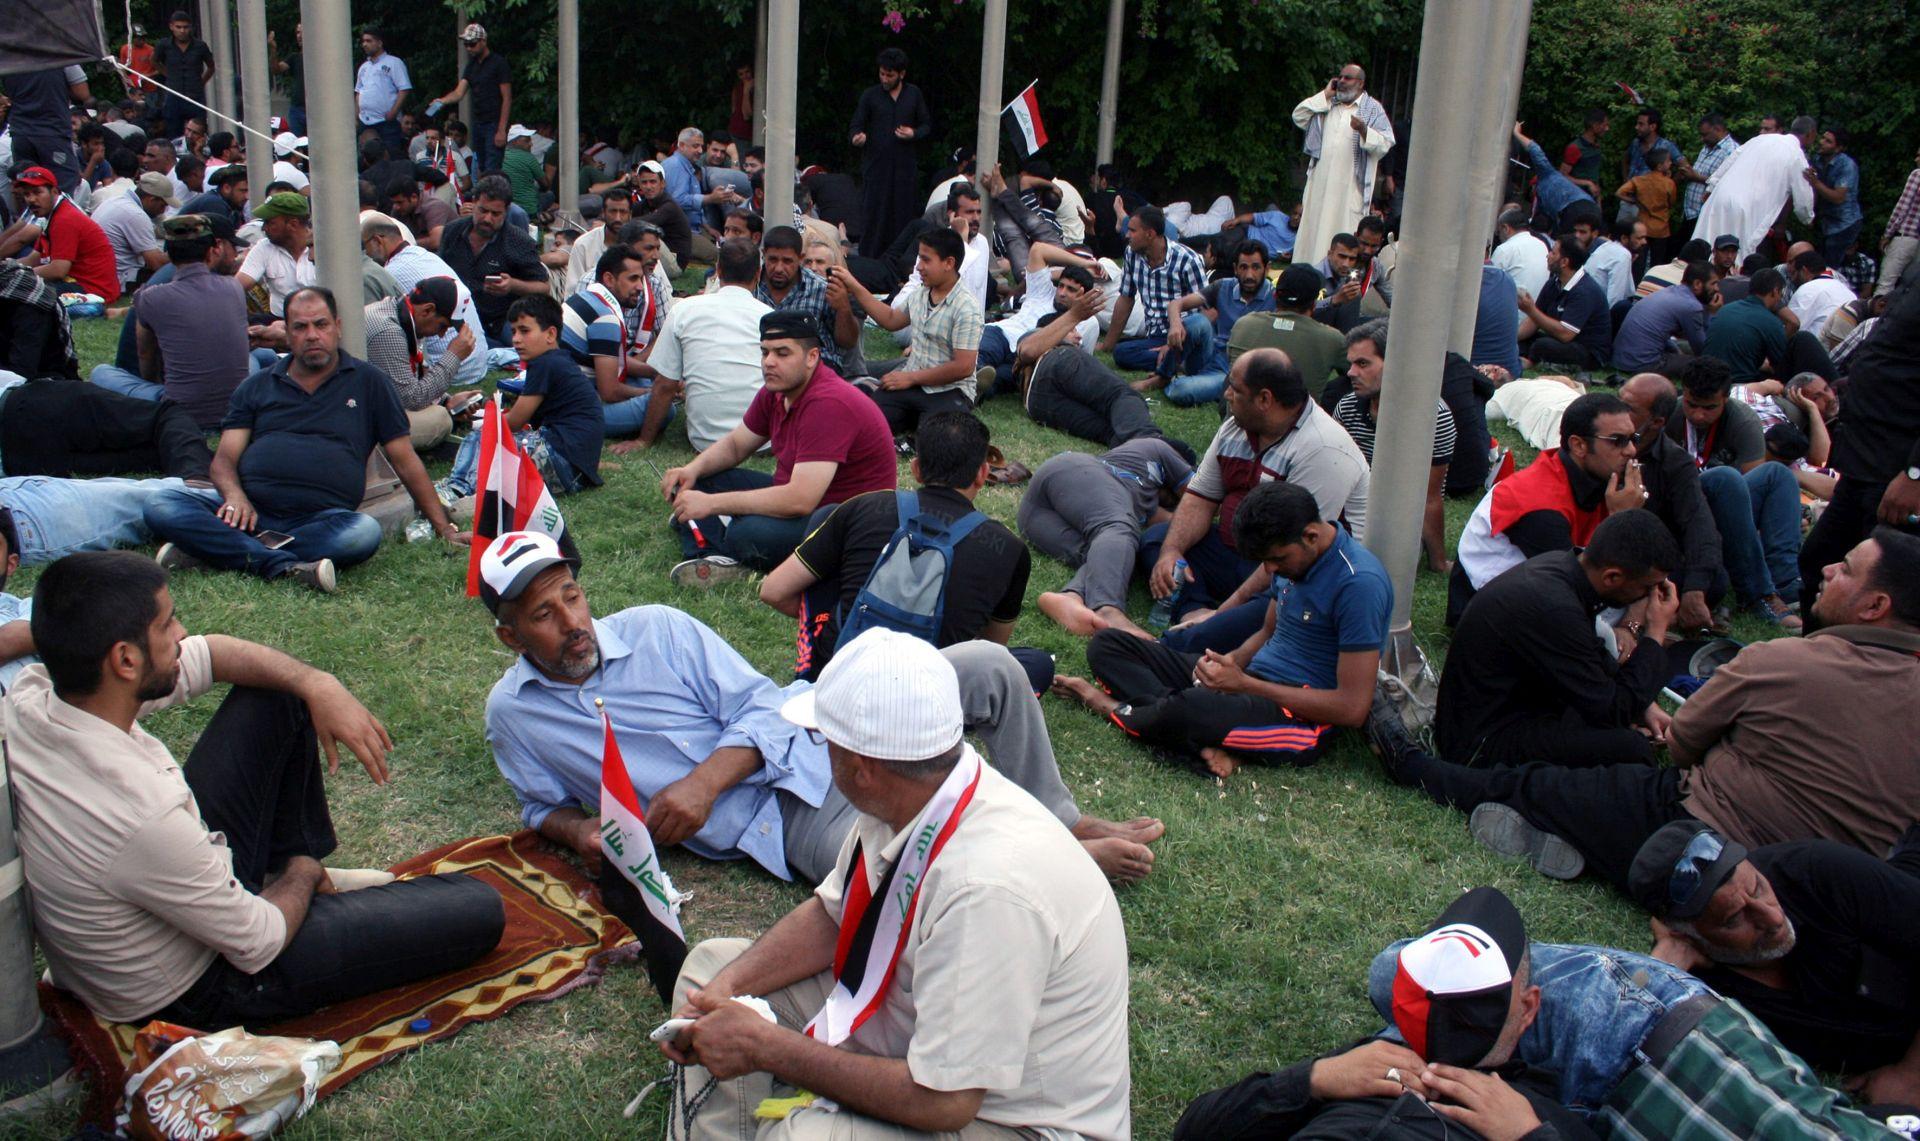 TRAŽE REFORME: Stotine prosvjednika kampiraju ispred iračkog parlamenta